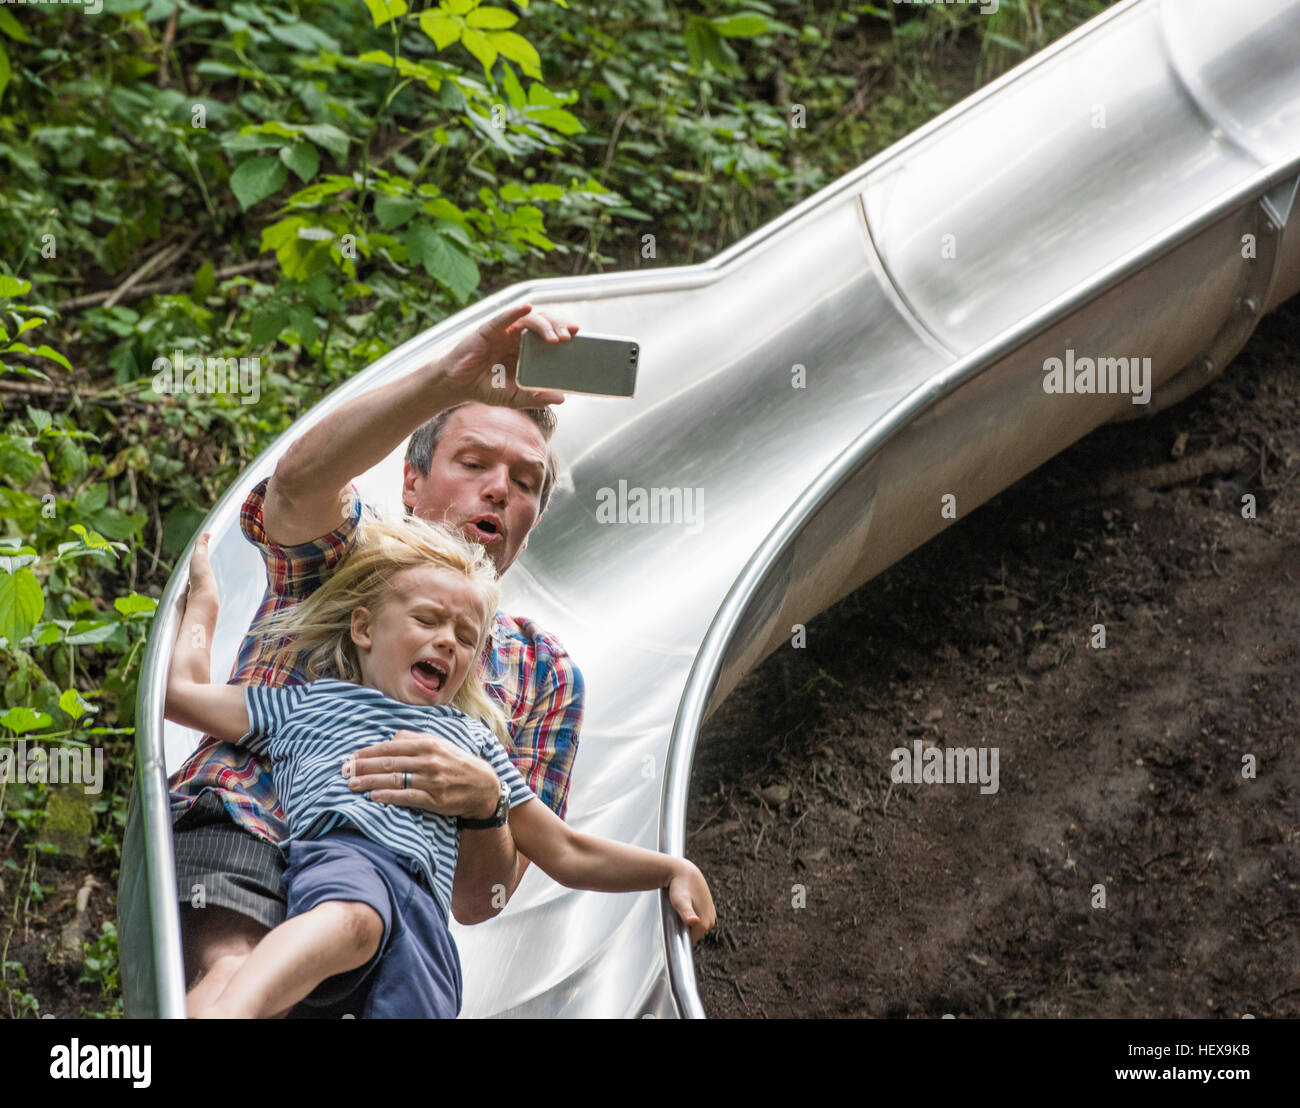 El padre y el hijo, deslice hacia abajo la celebración de smartphone deslizante Imagen De Stock